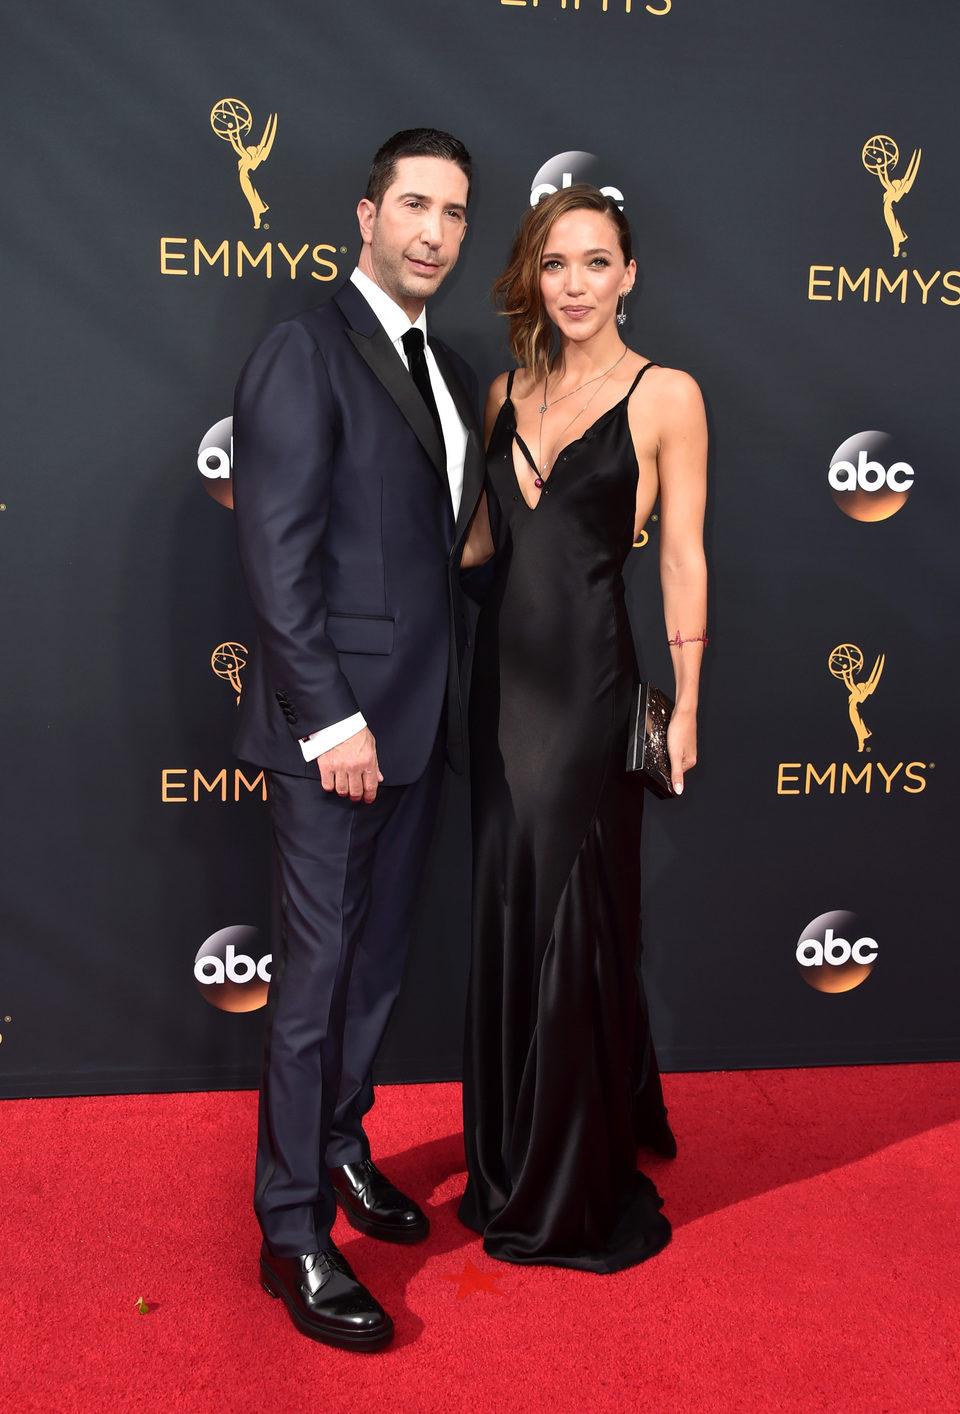 David Schwimmer y Zoe Buckman en la alfombra roja de los Emmy 2016